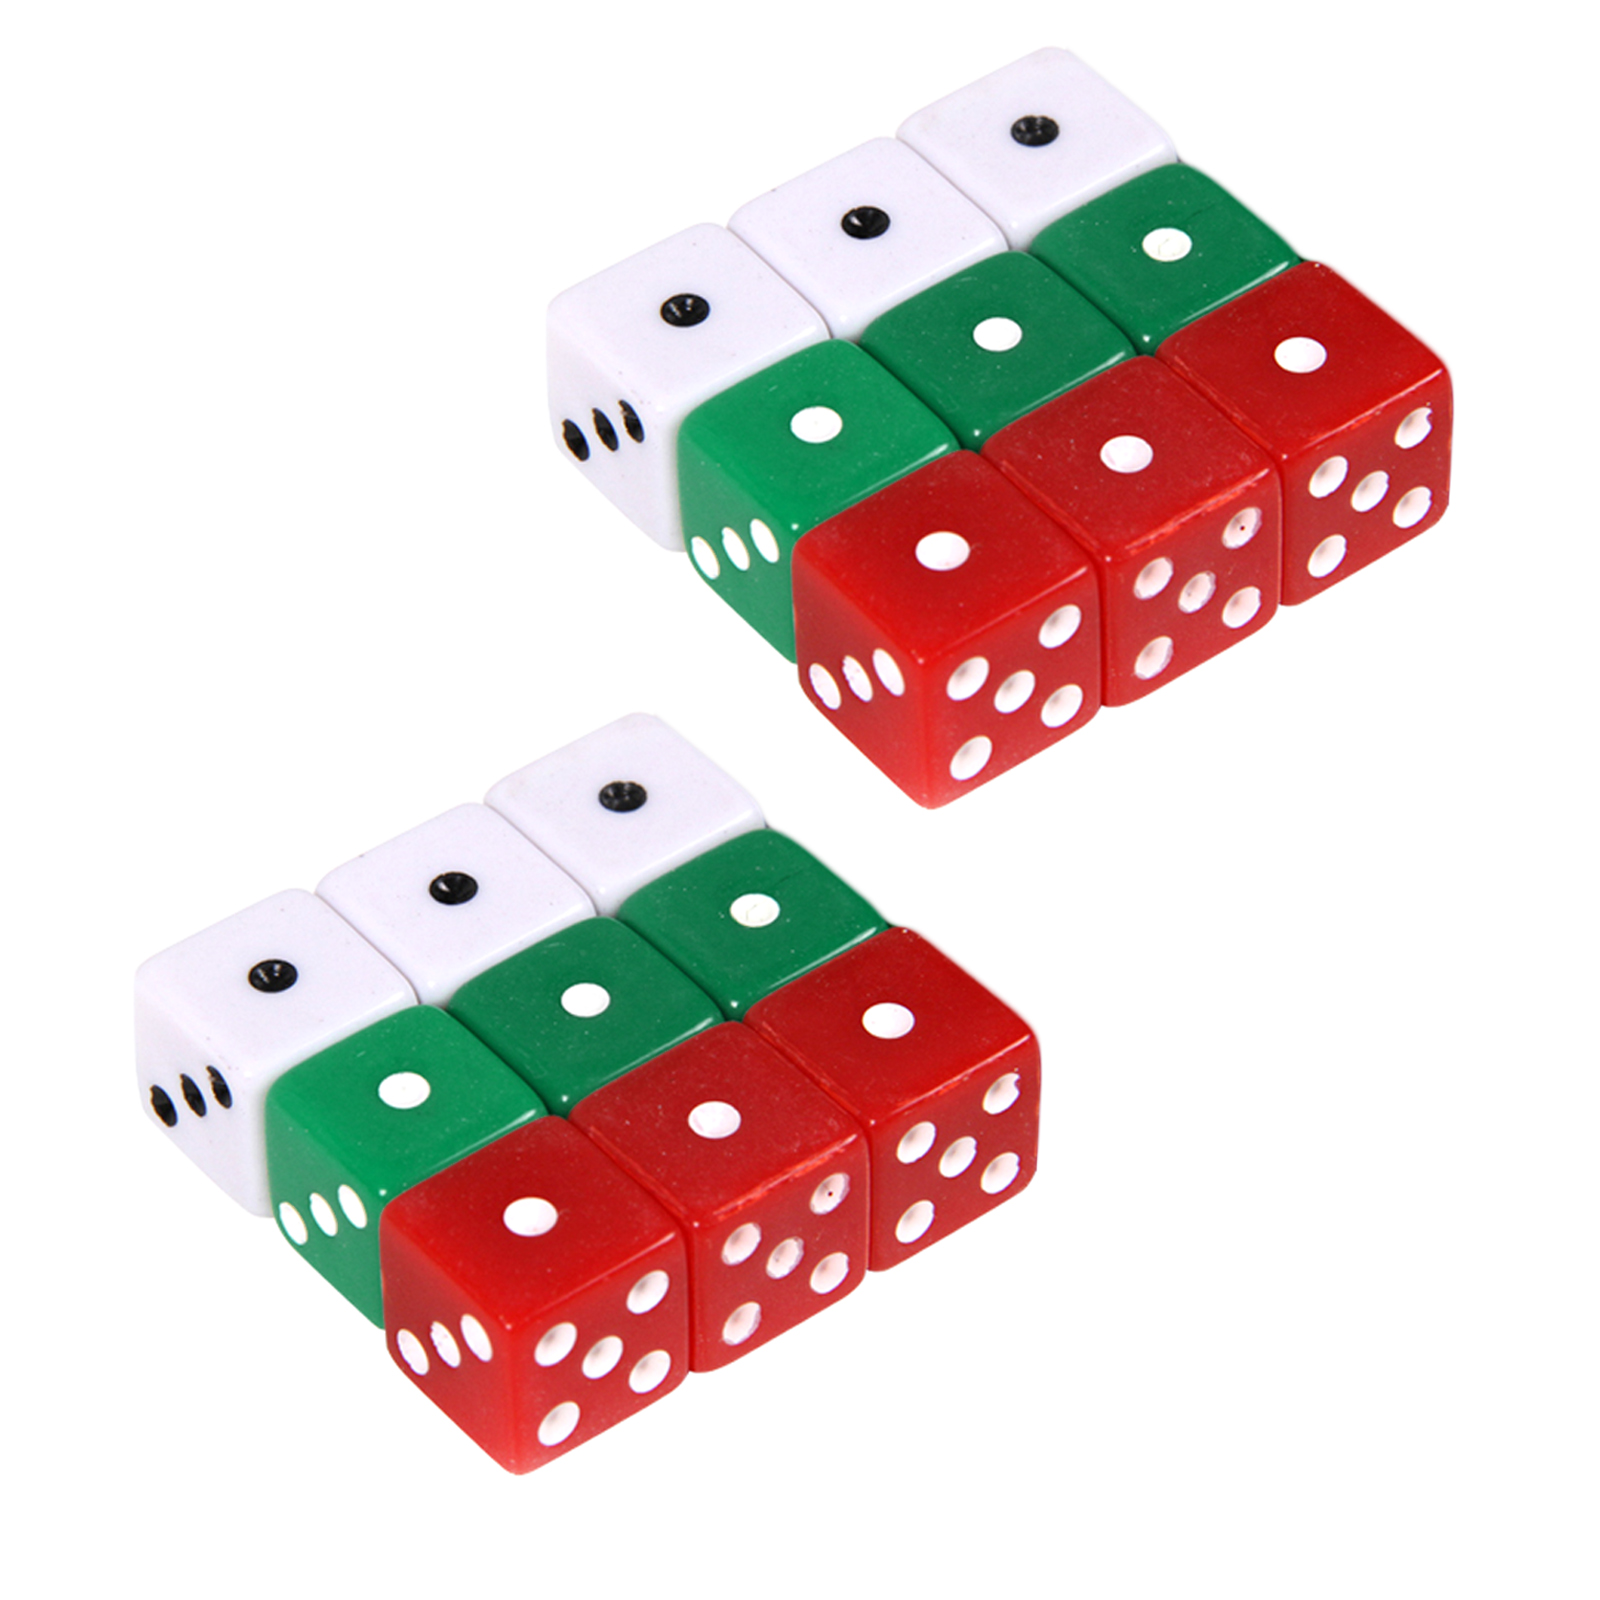 Red White Green Opaque Square Dice Black Dots Casino Board Games ...